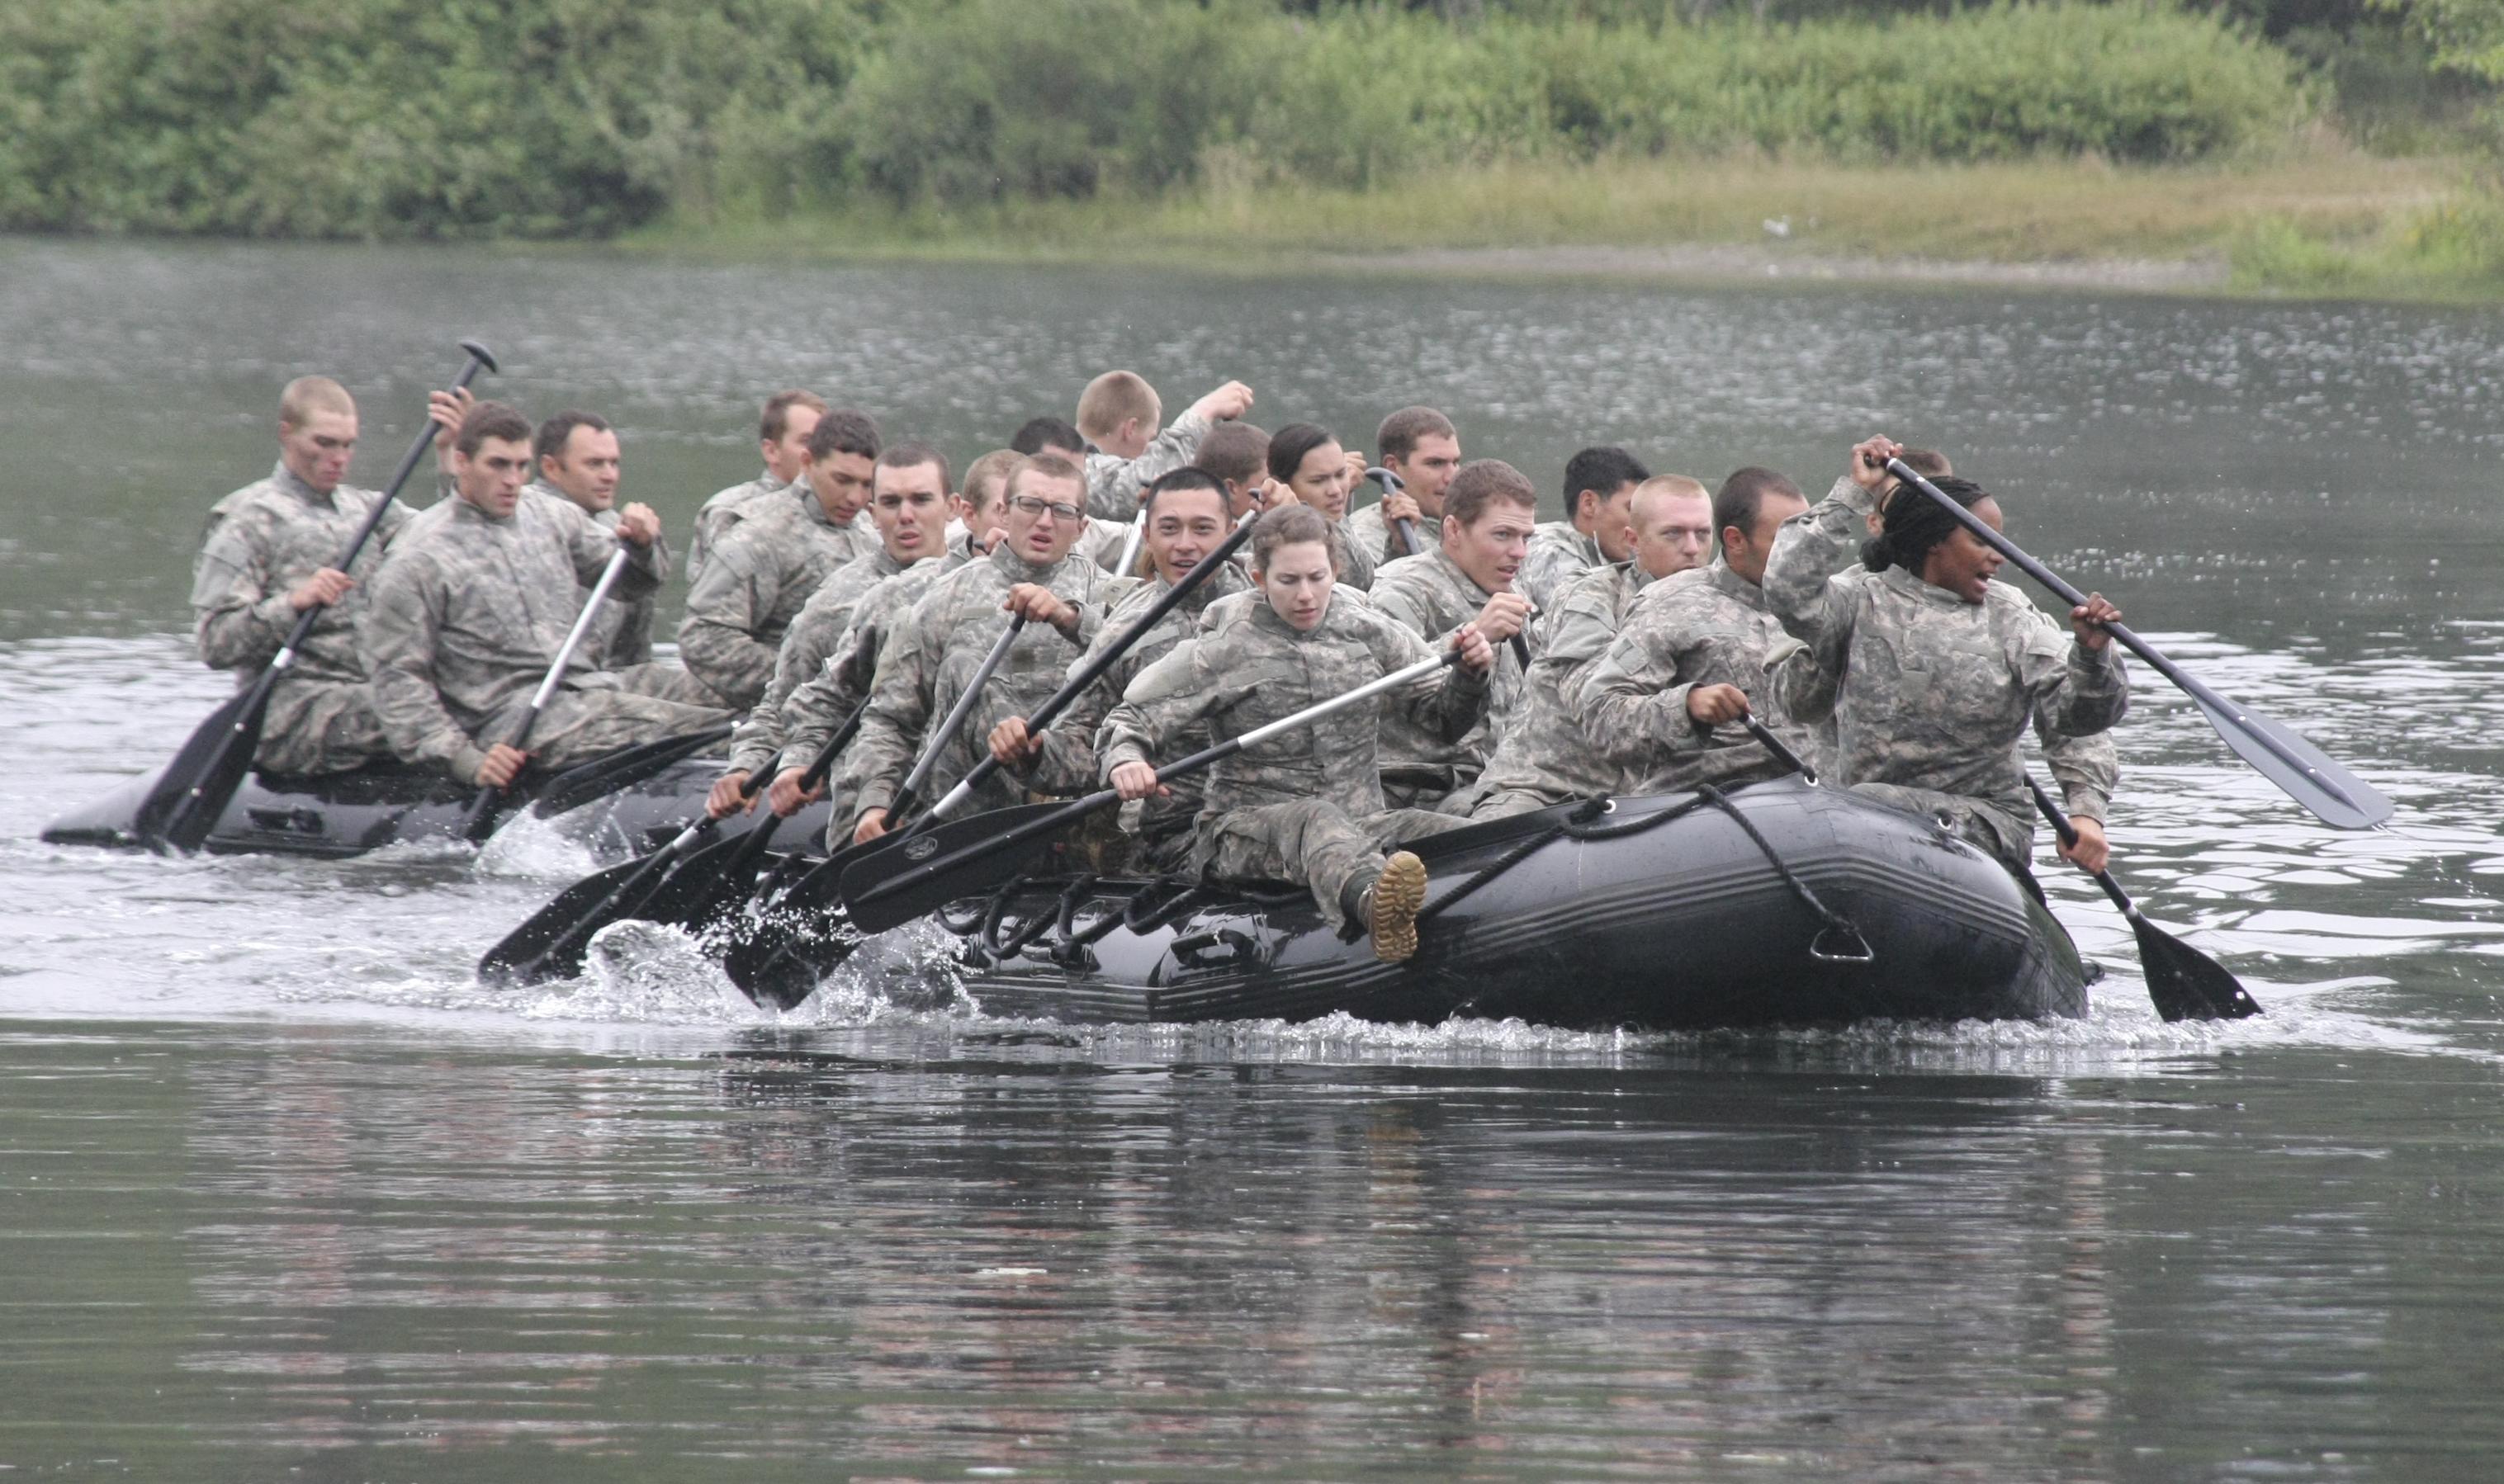 U.S. Army photo by Al Zdarsky